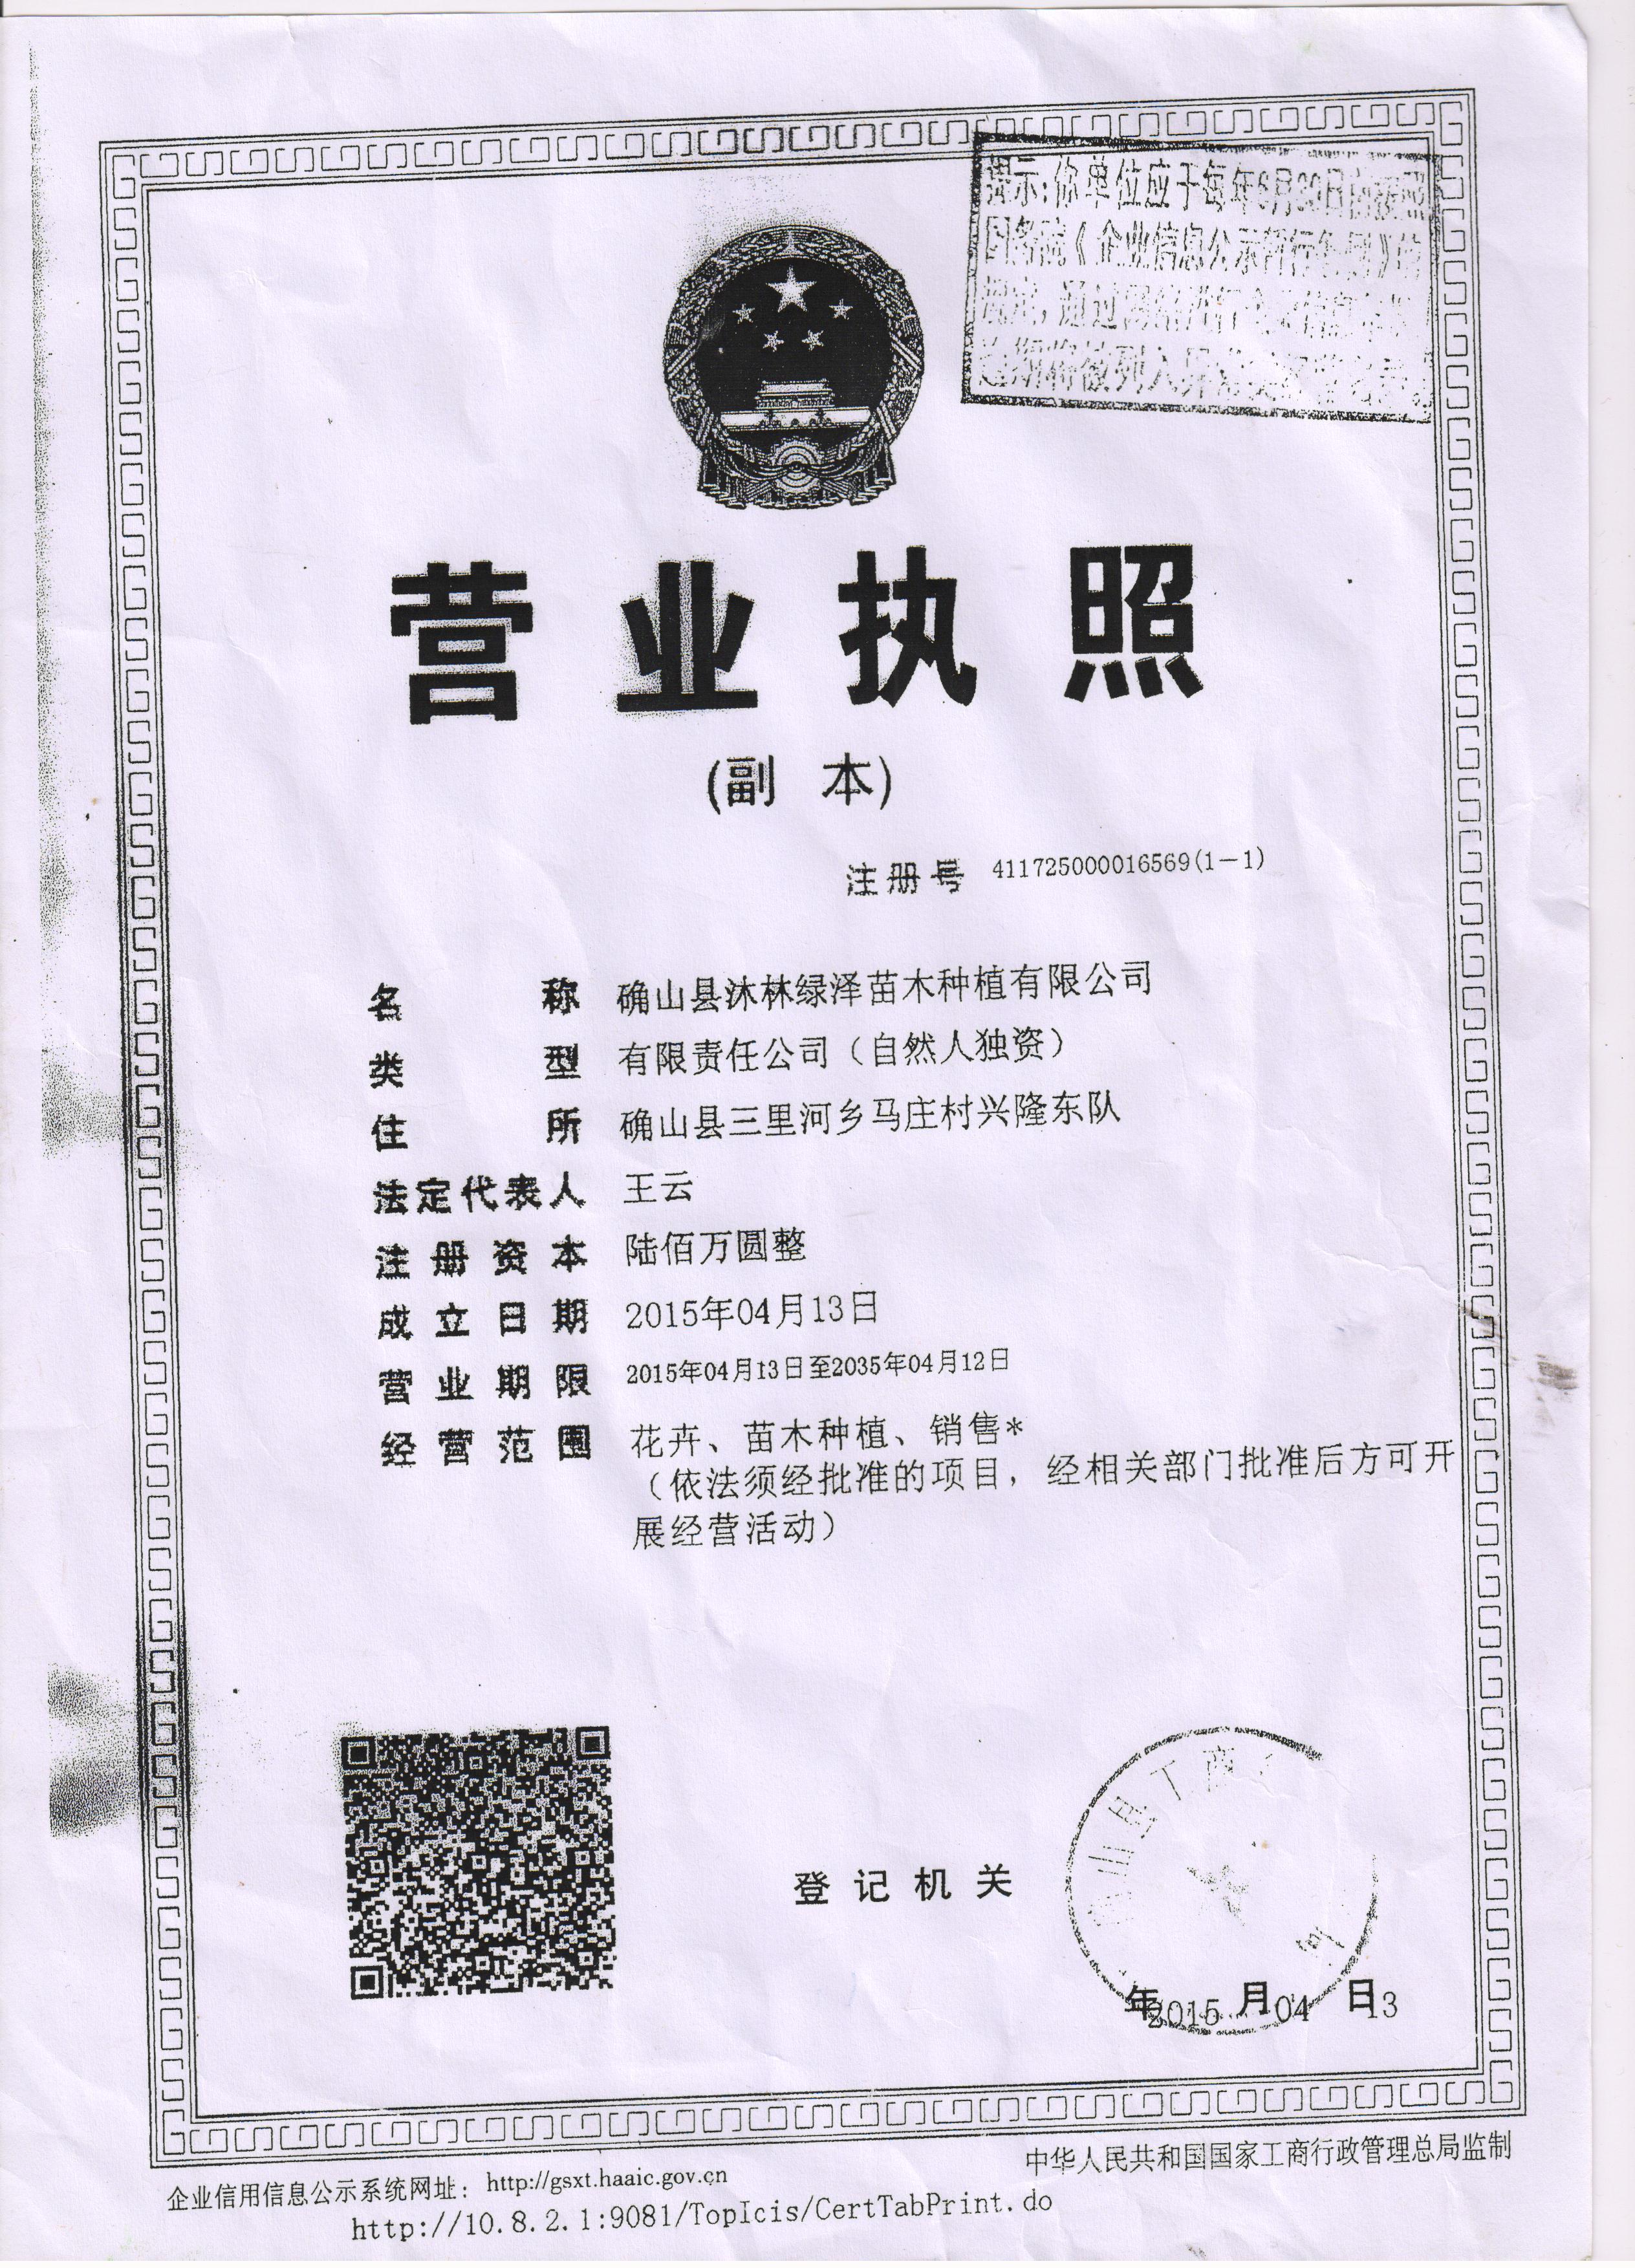 确山县沐林绿泽深夜草莓视频app下载种植有限公司